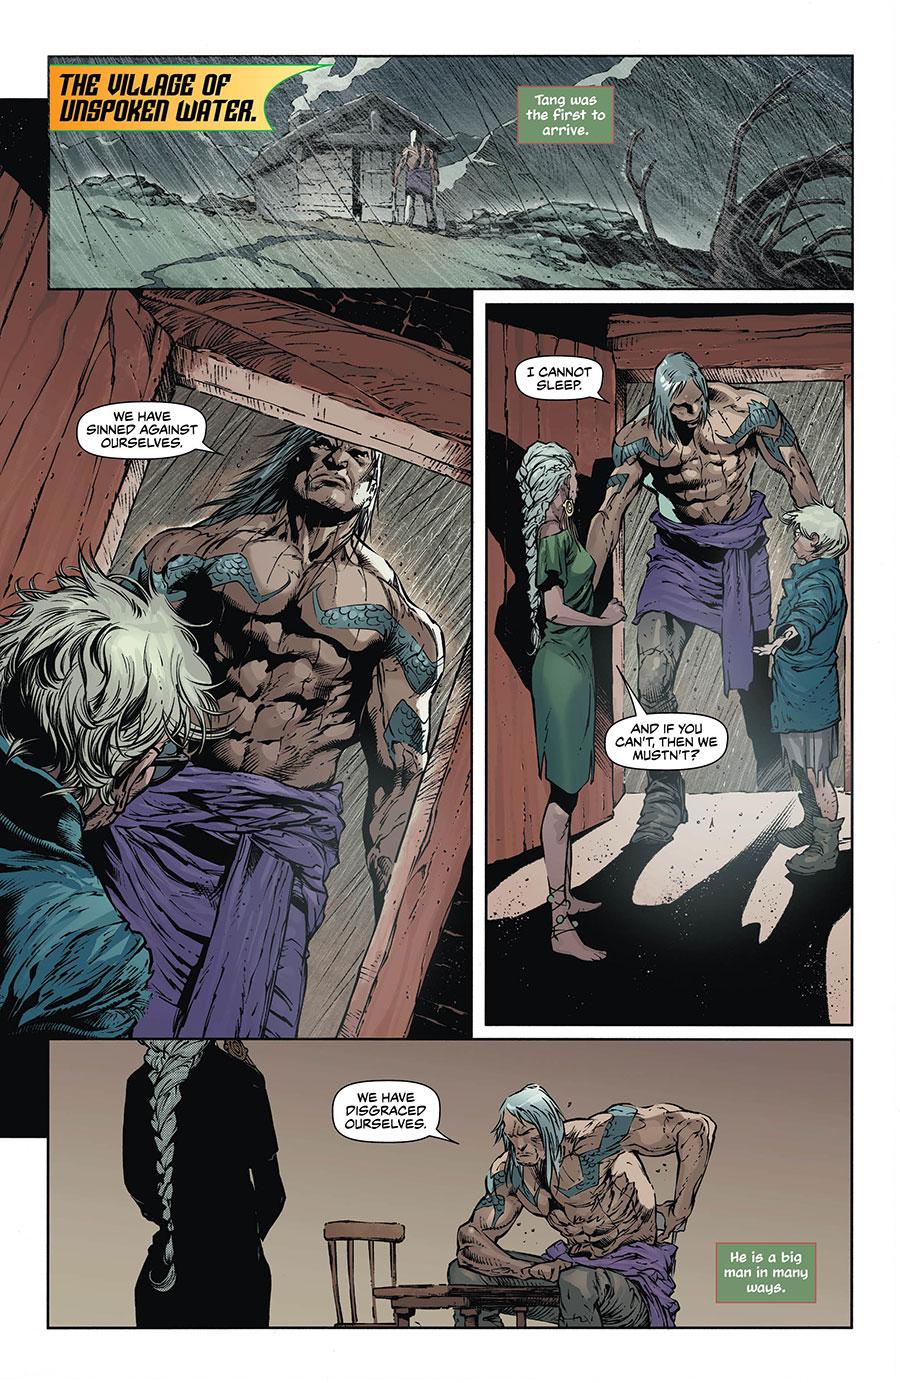 Aquaman_46_2 - DC Comics News